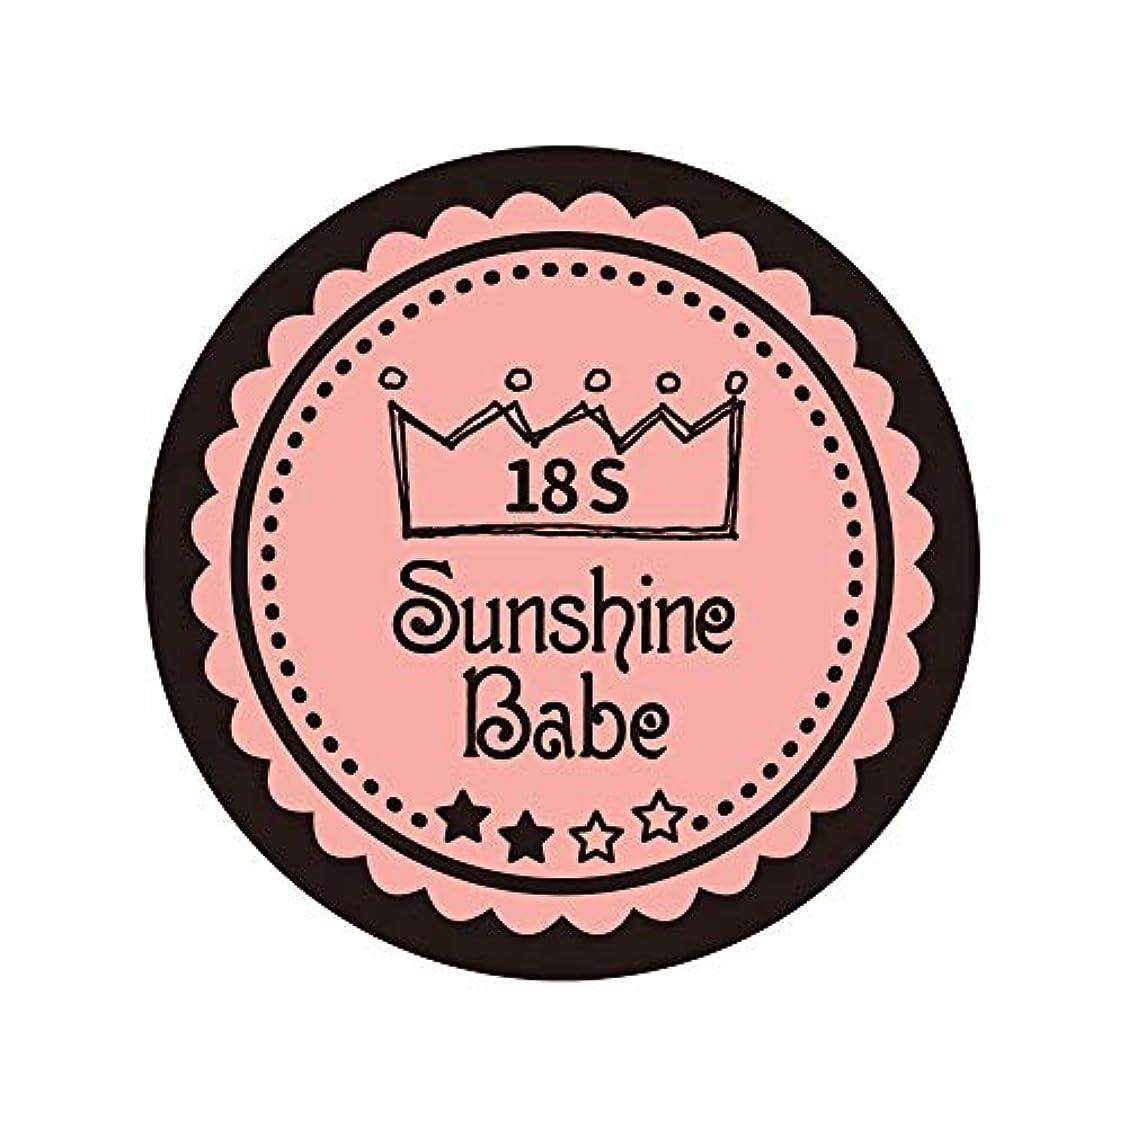 促すおじさん結果としてSunshine Babe コスメティックカラー 18S ロマンティックベリー 4g UV/LED対応